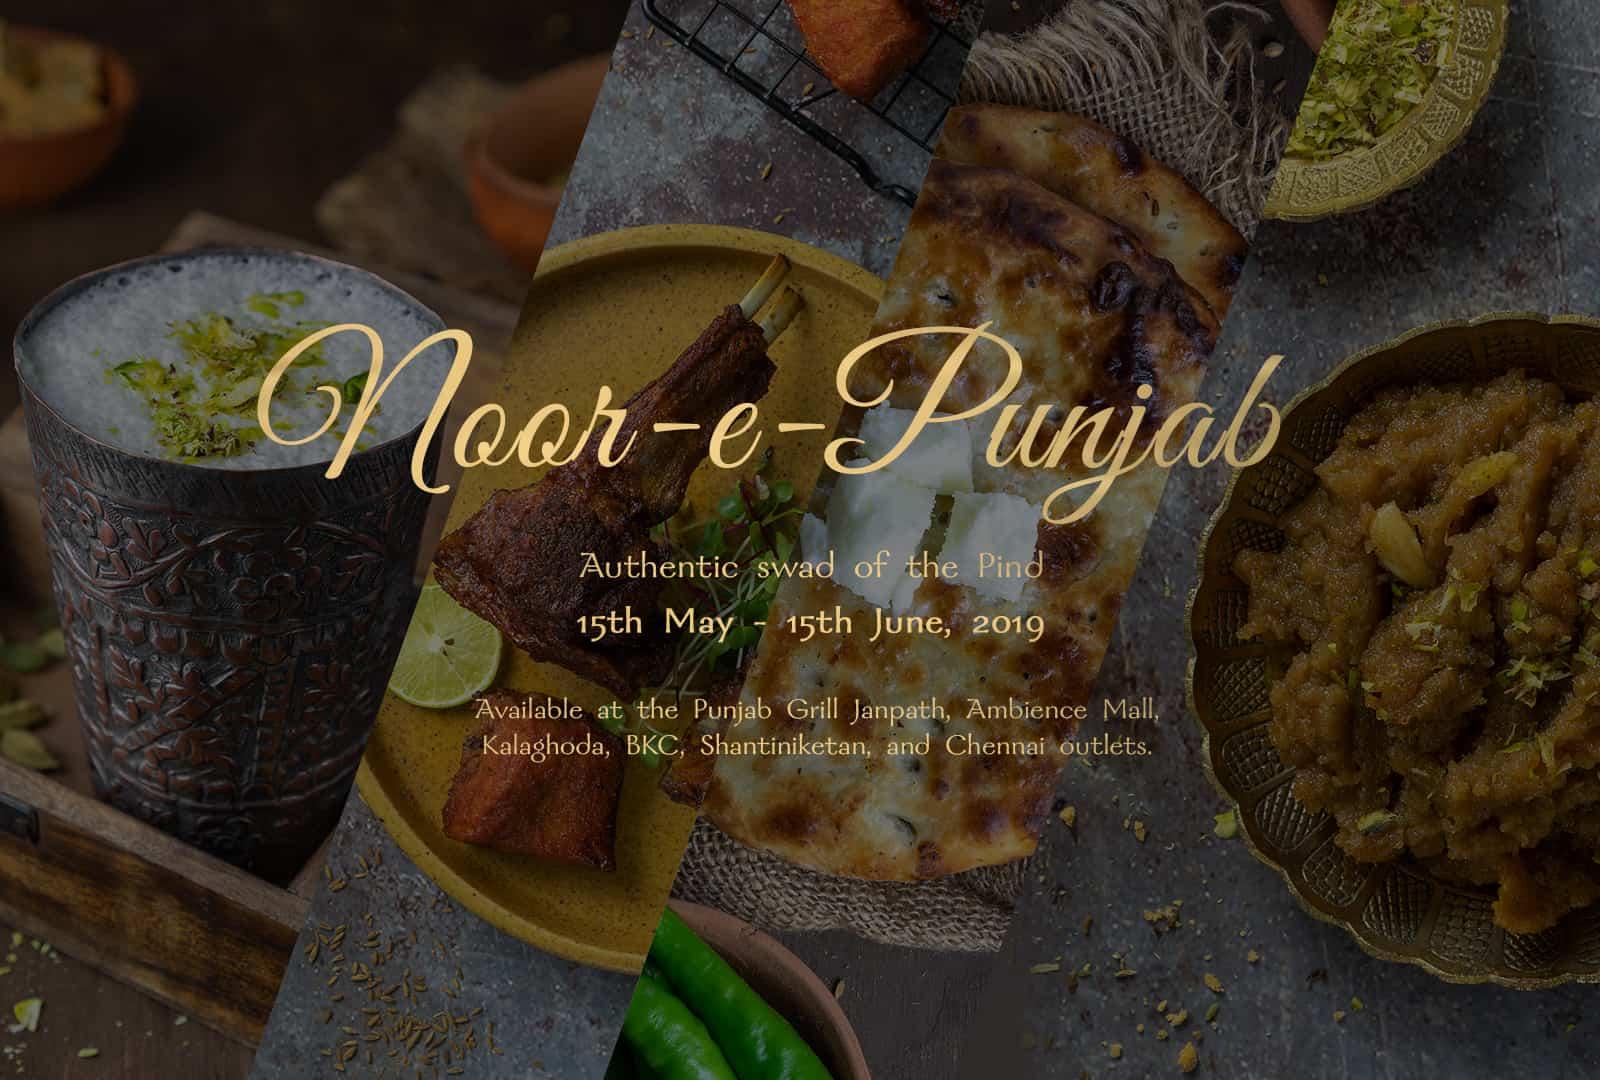 Punjab Grill New Menu